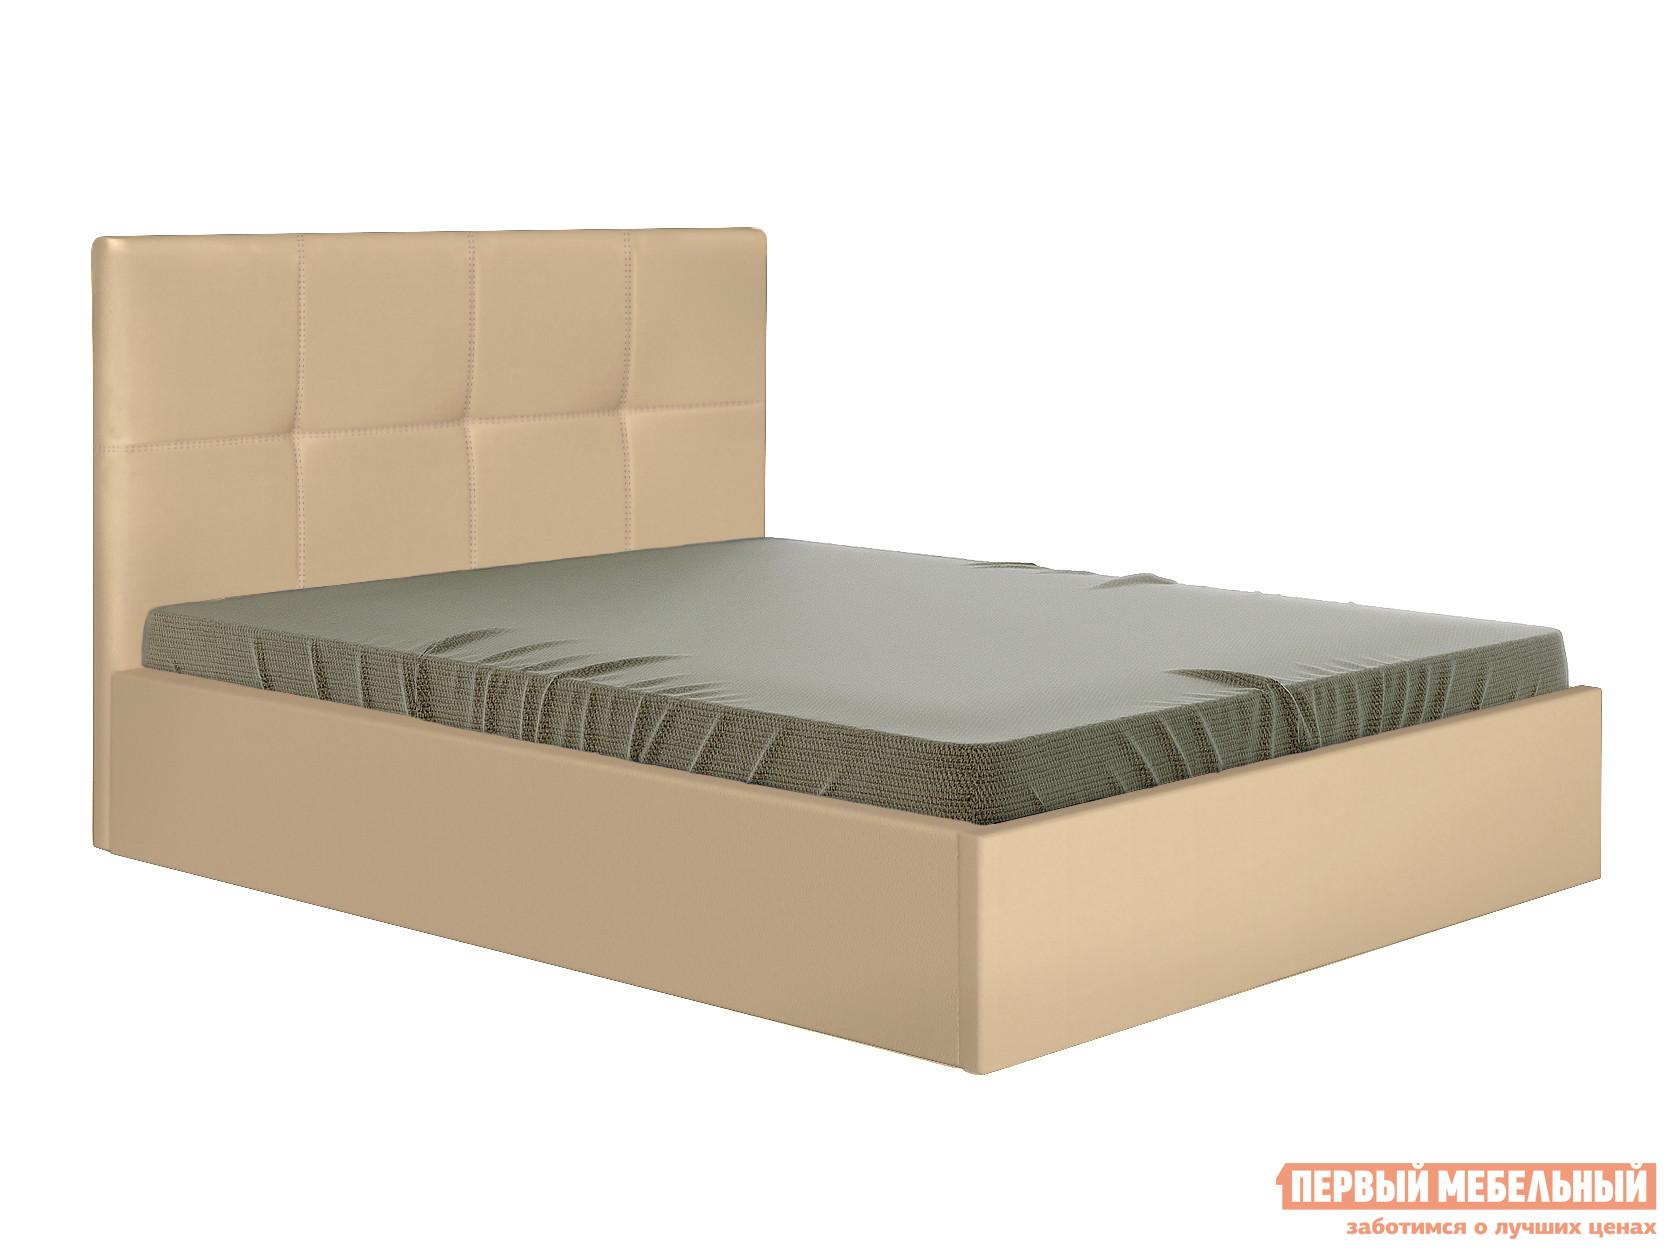 Двуспальная кровать  Верда Бежевый, экокожа, 160х200 см